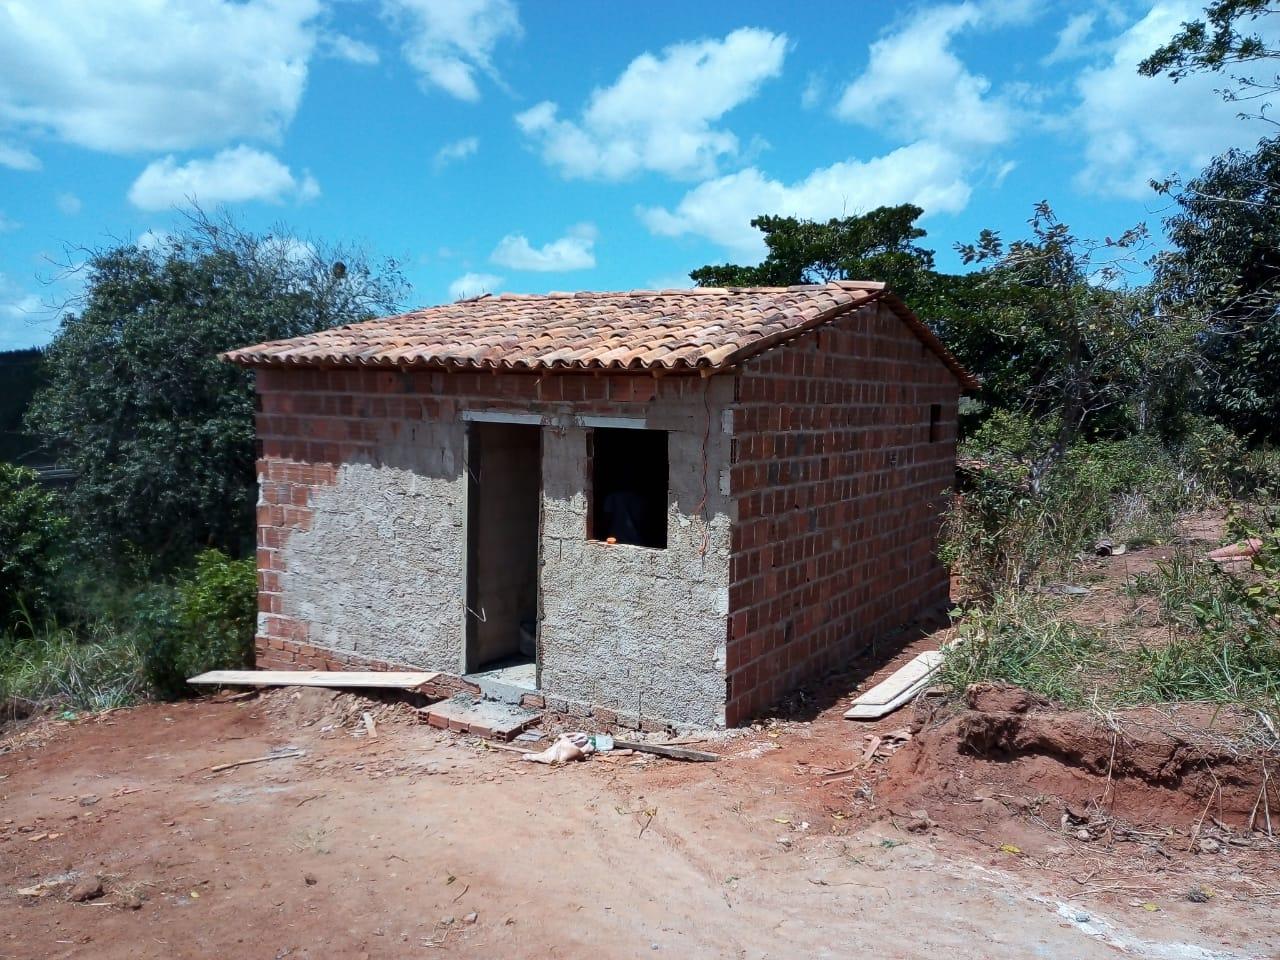 Entrega das casas de Josélia, Rosa e Maria José